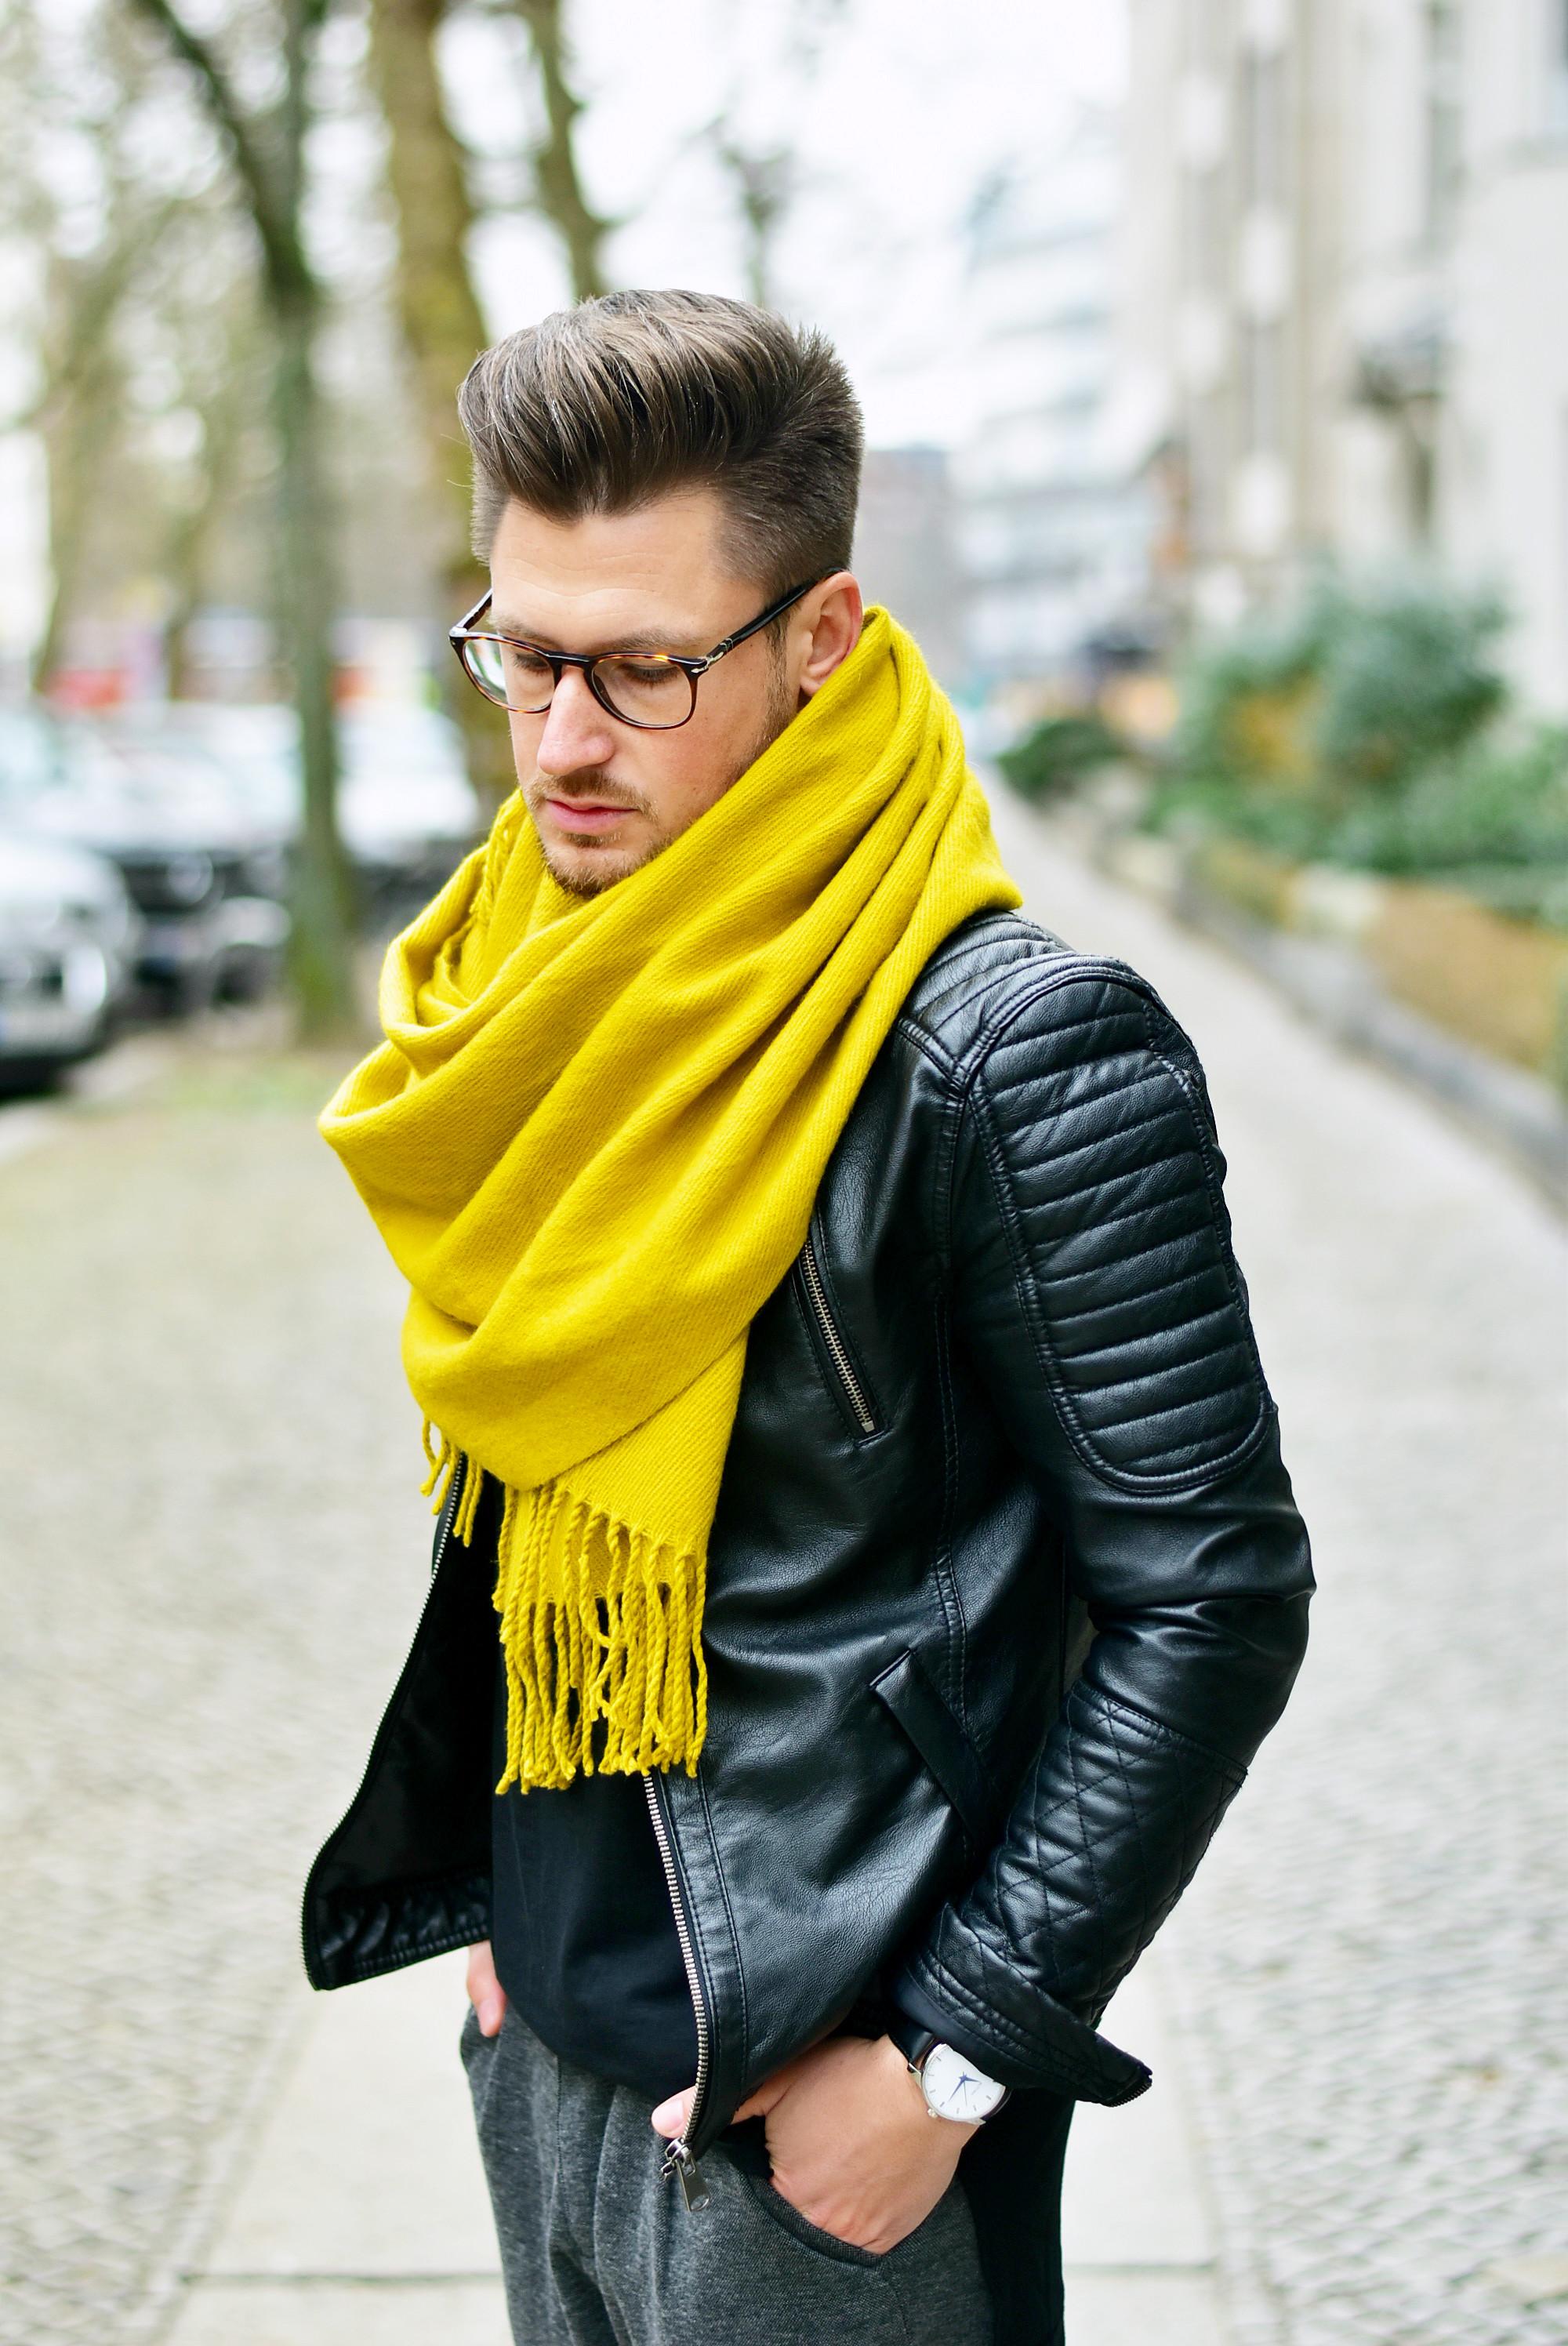 Tommeezjerry-Styleblog-Männerblog-Modeblog-Berlin-Jacke-Hose-Uhr-Boots-Outfit-Männermode-Streetwear